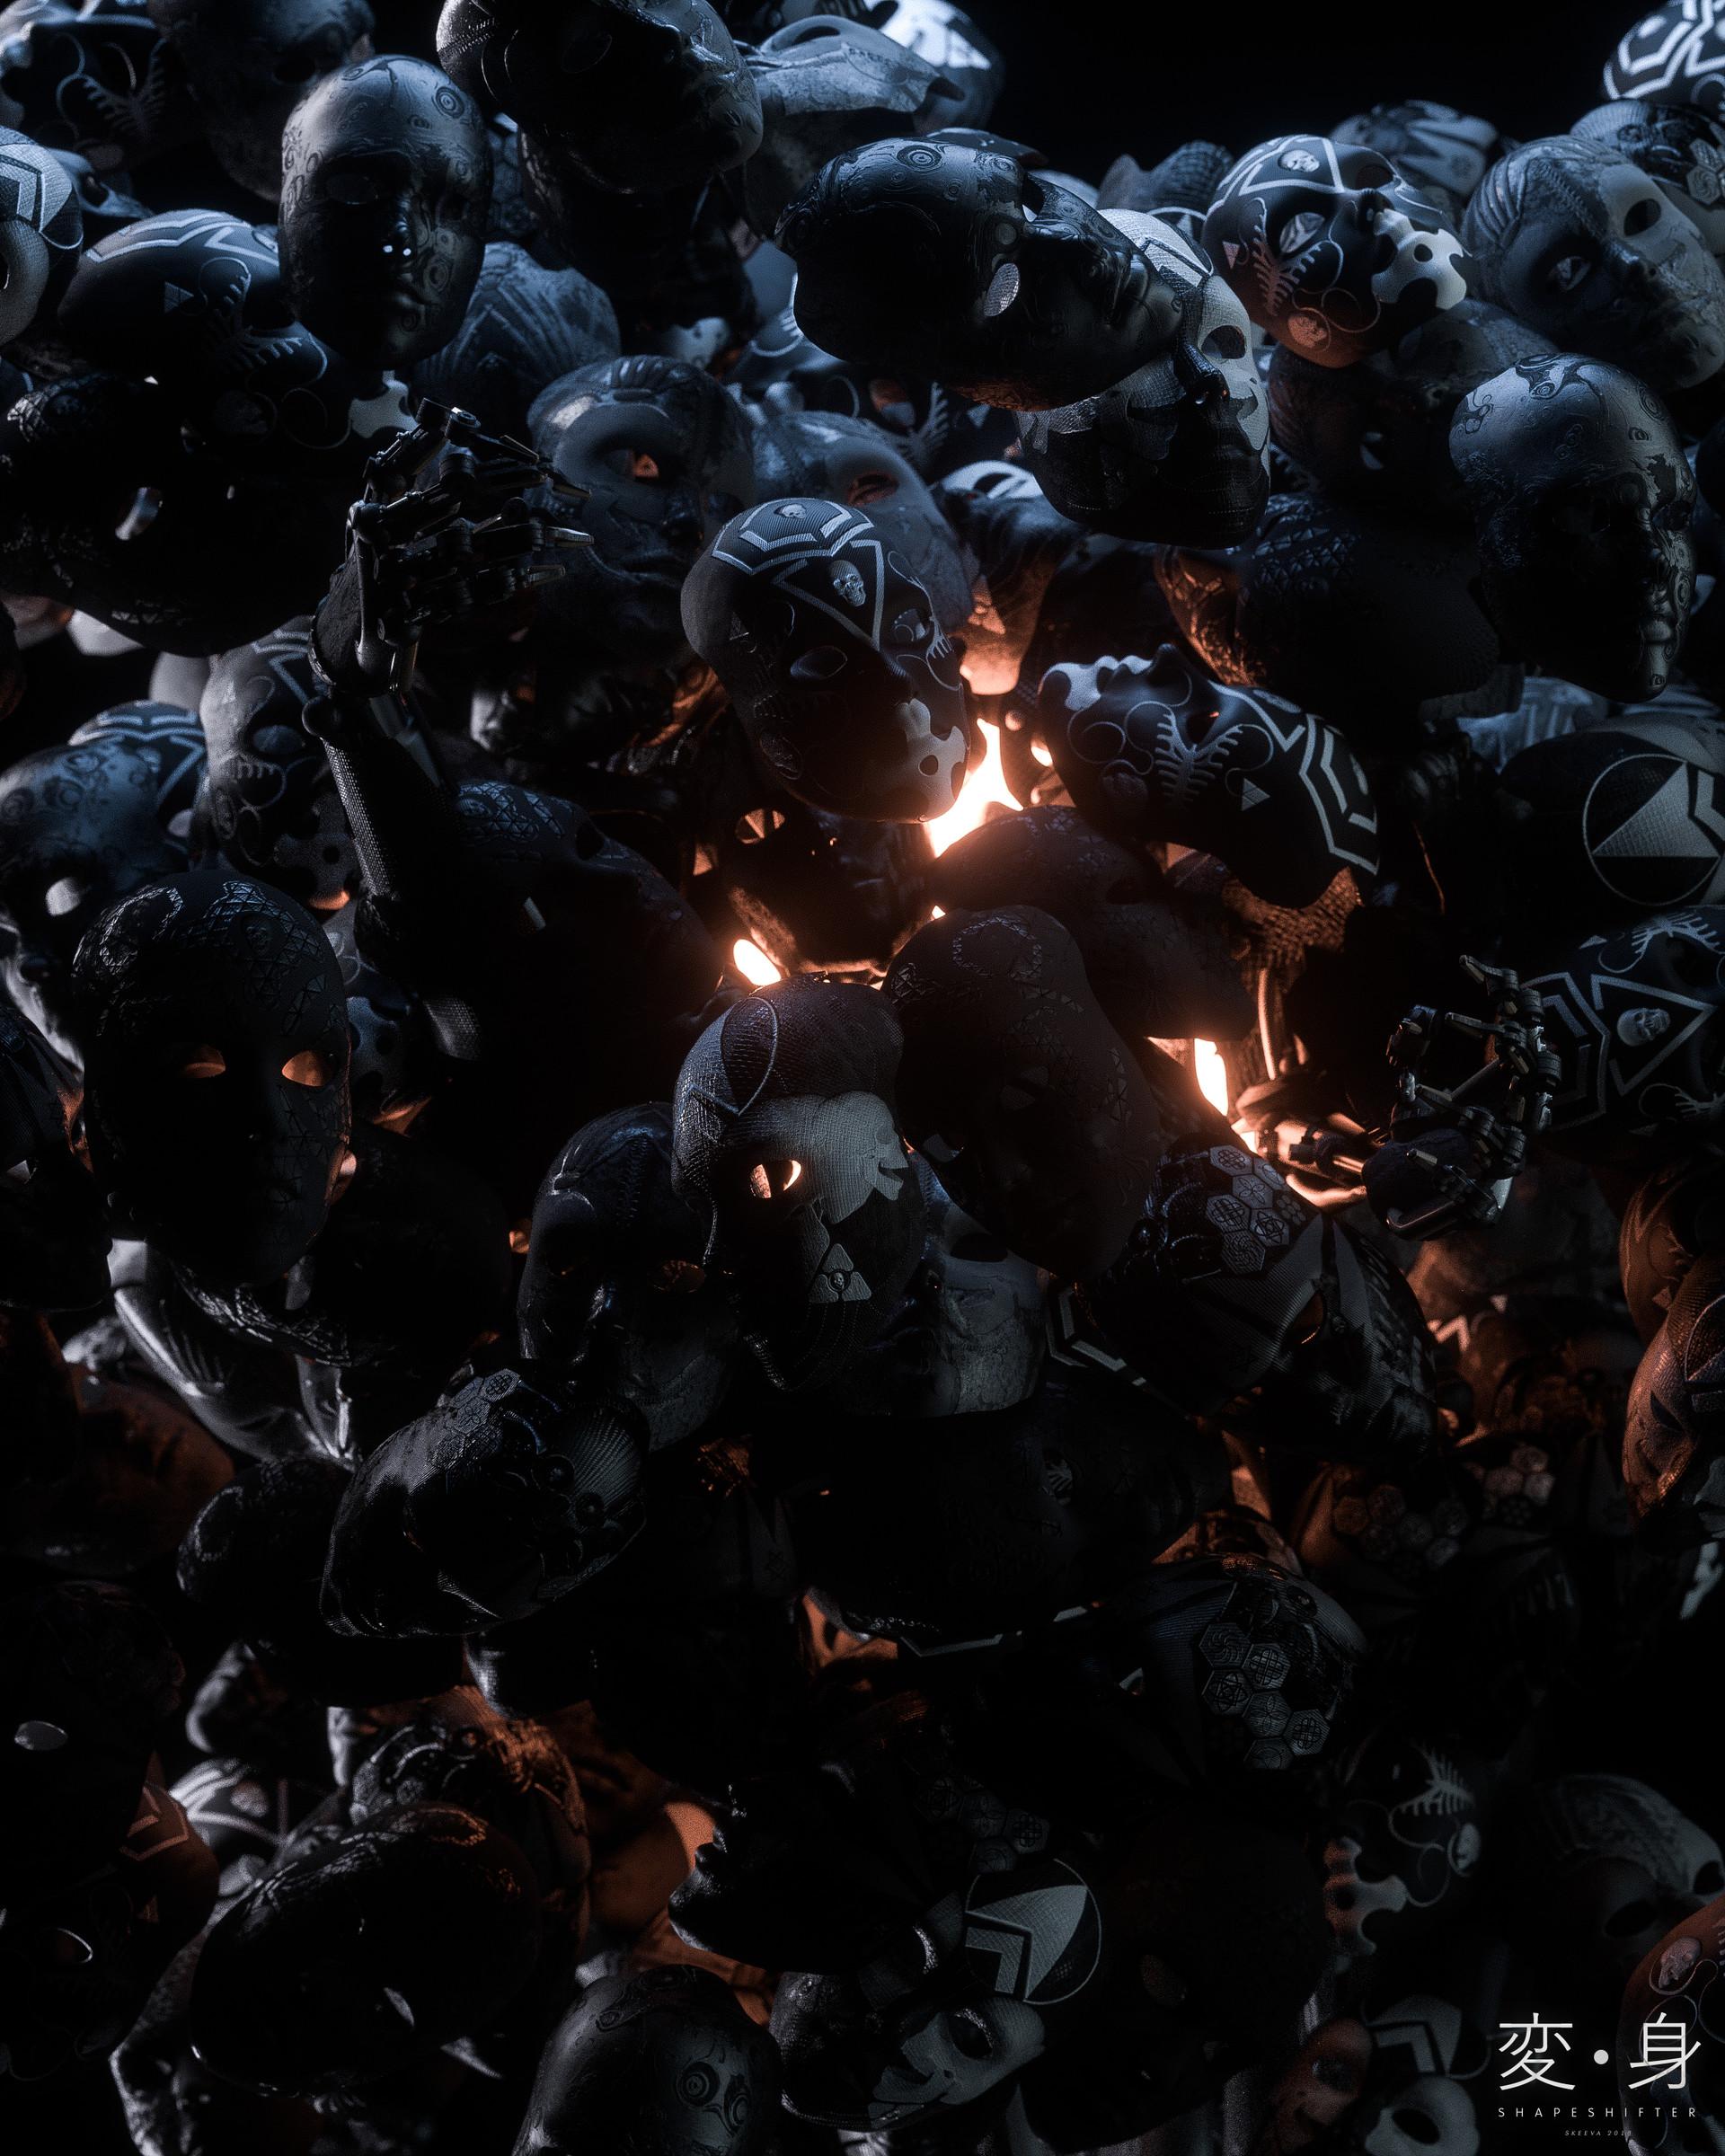 157325 скачать обои Темные, Маски, Арт, Темный, Свет, Блеск - заставки и картинки бесплатно